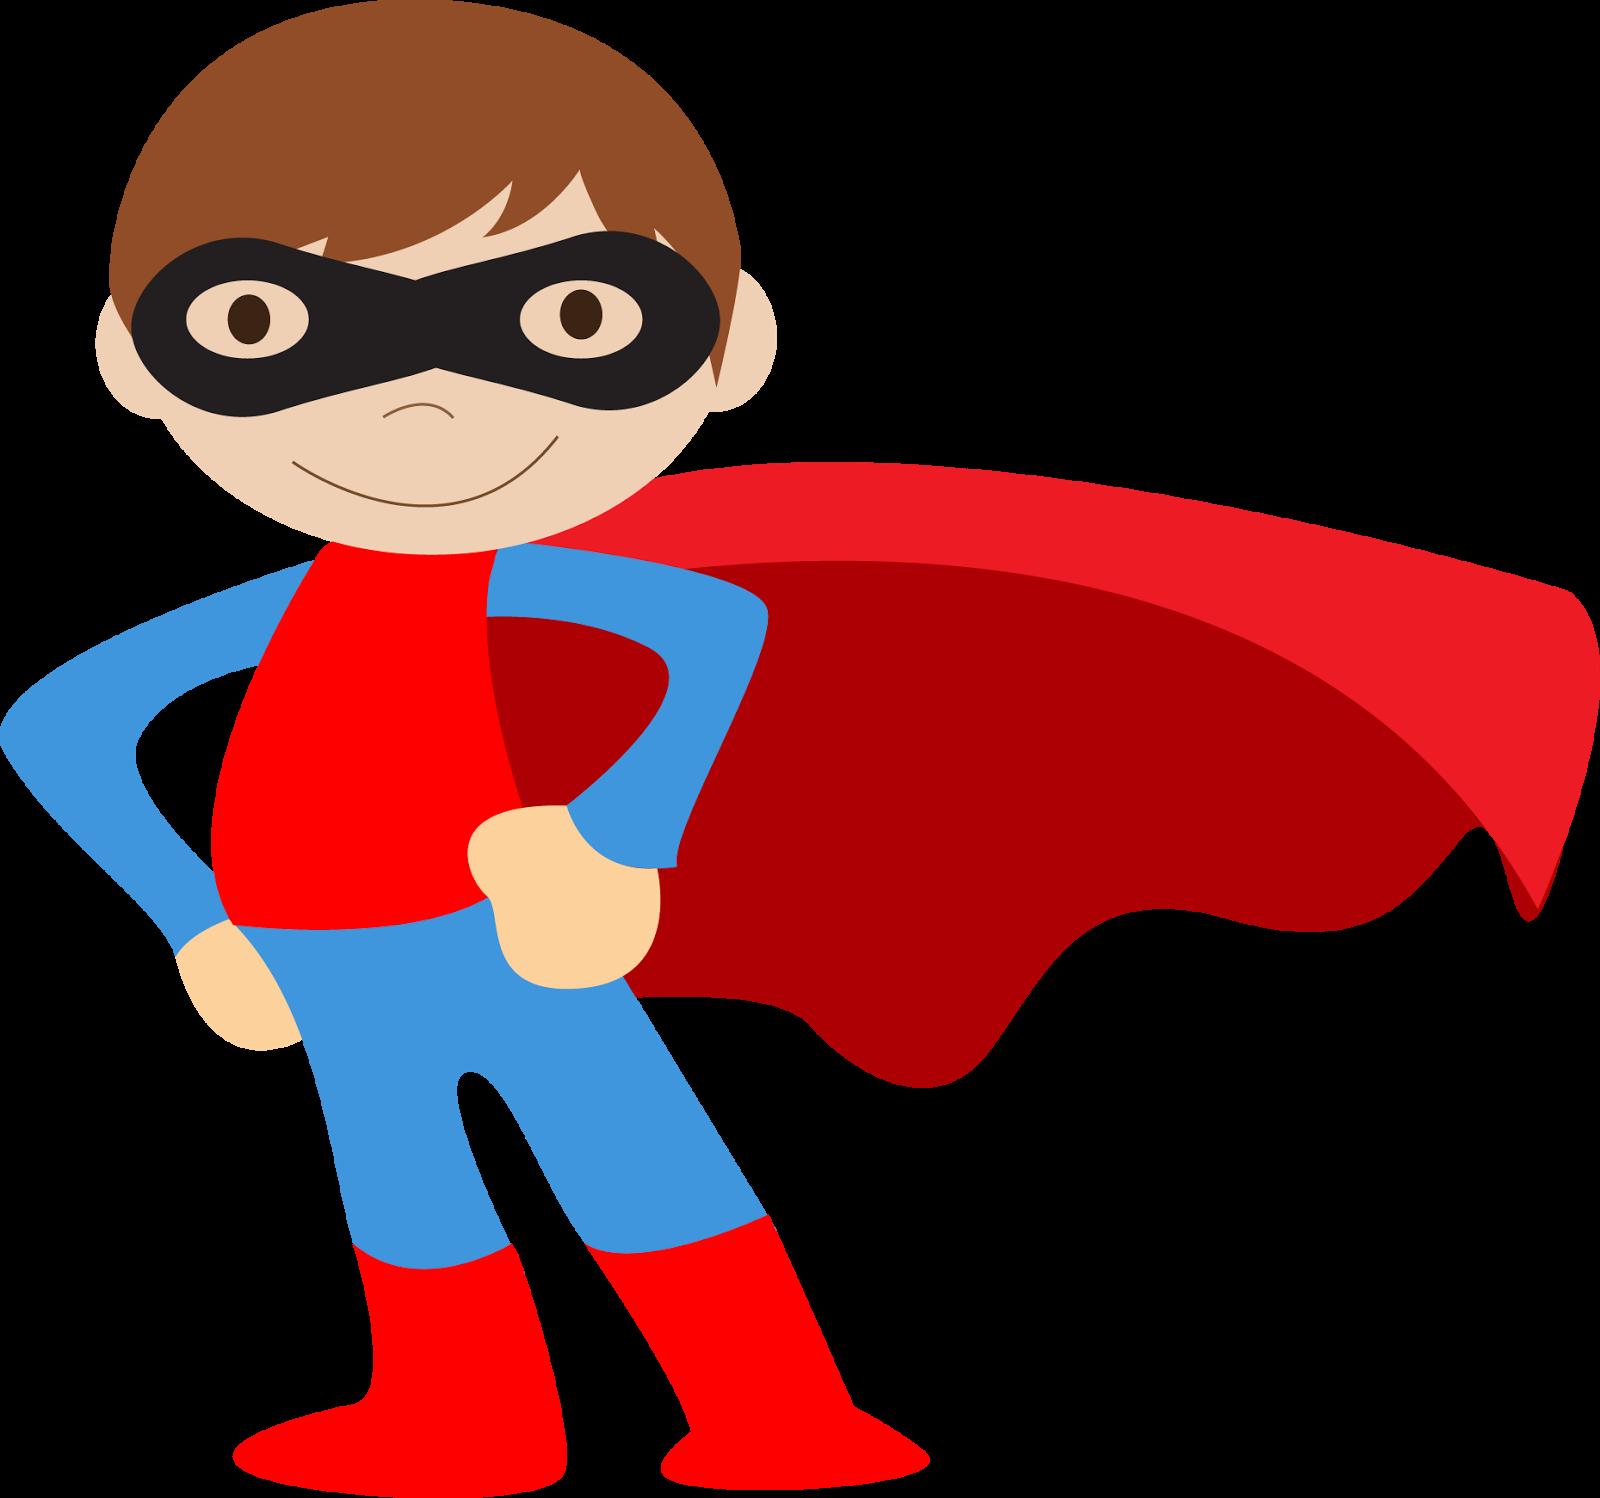 Kids Dressed As Superheroes Clipart